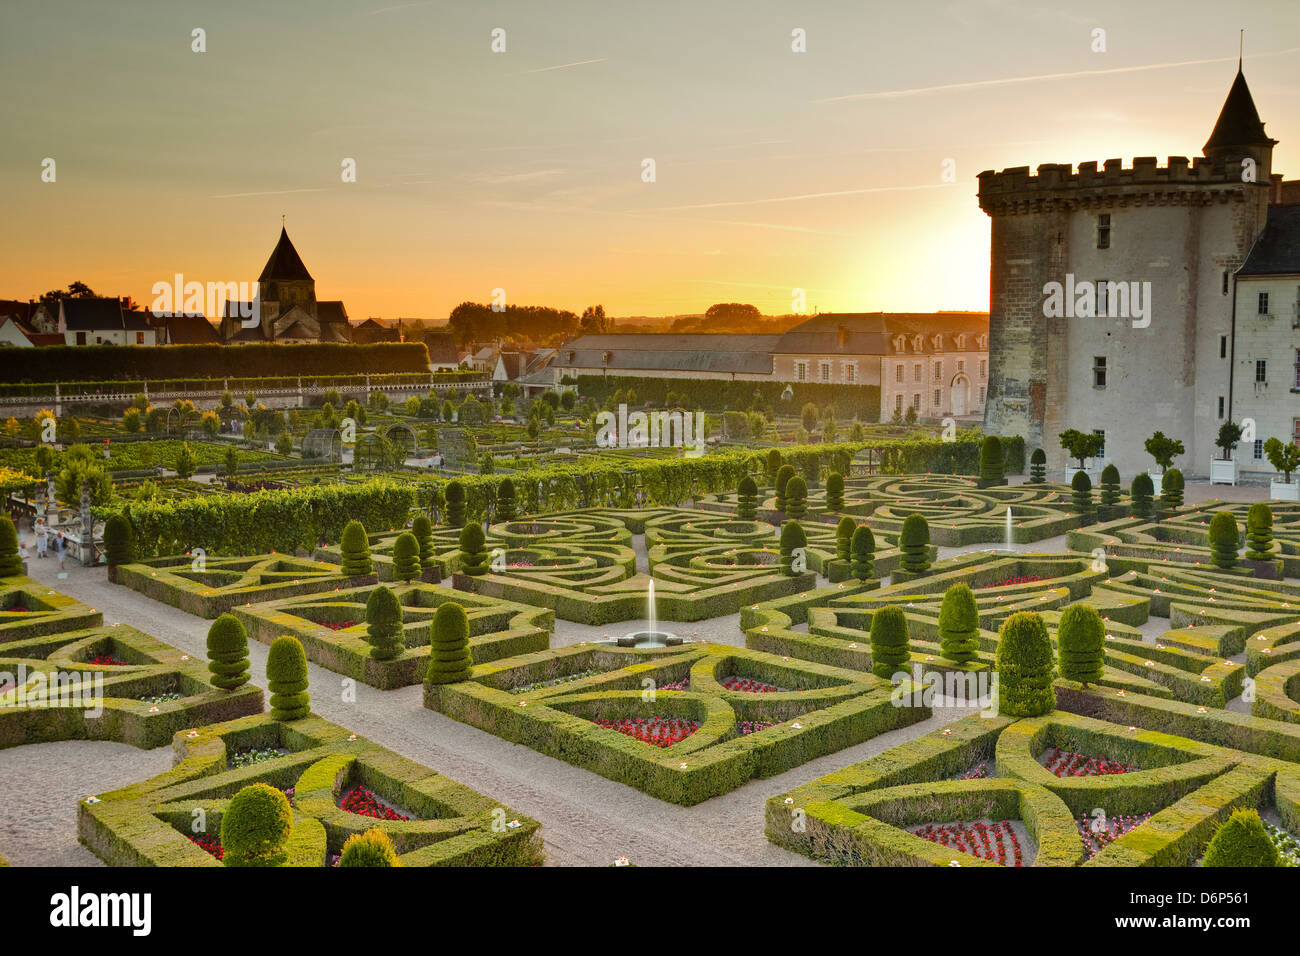 El château de Villandry y sus jardines al atardecer, Sitio del Patrimonio Mundial de la UNESCO, Indre-et-Loire, Imagen De Stock